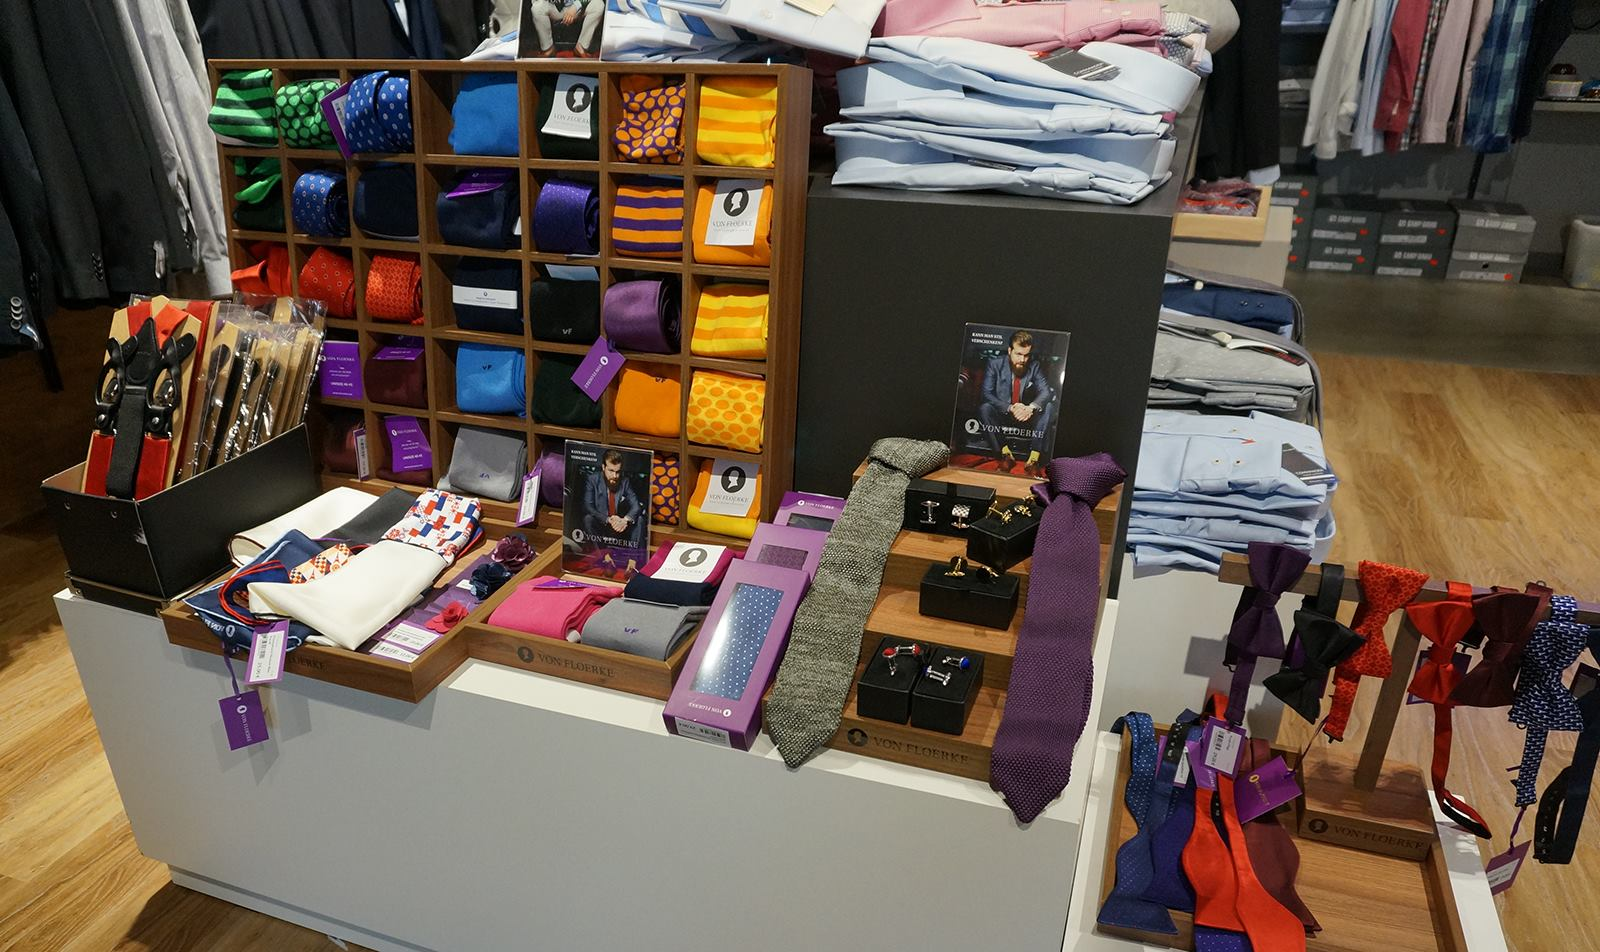 VON FLOERKE: Manschettenknöpfe, Einstecktücher und Krawatten